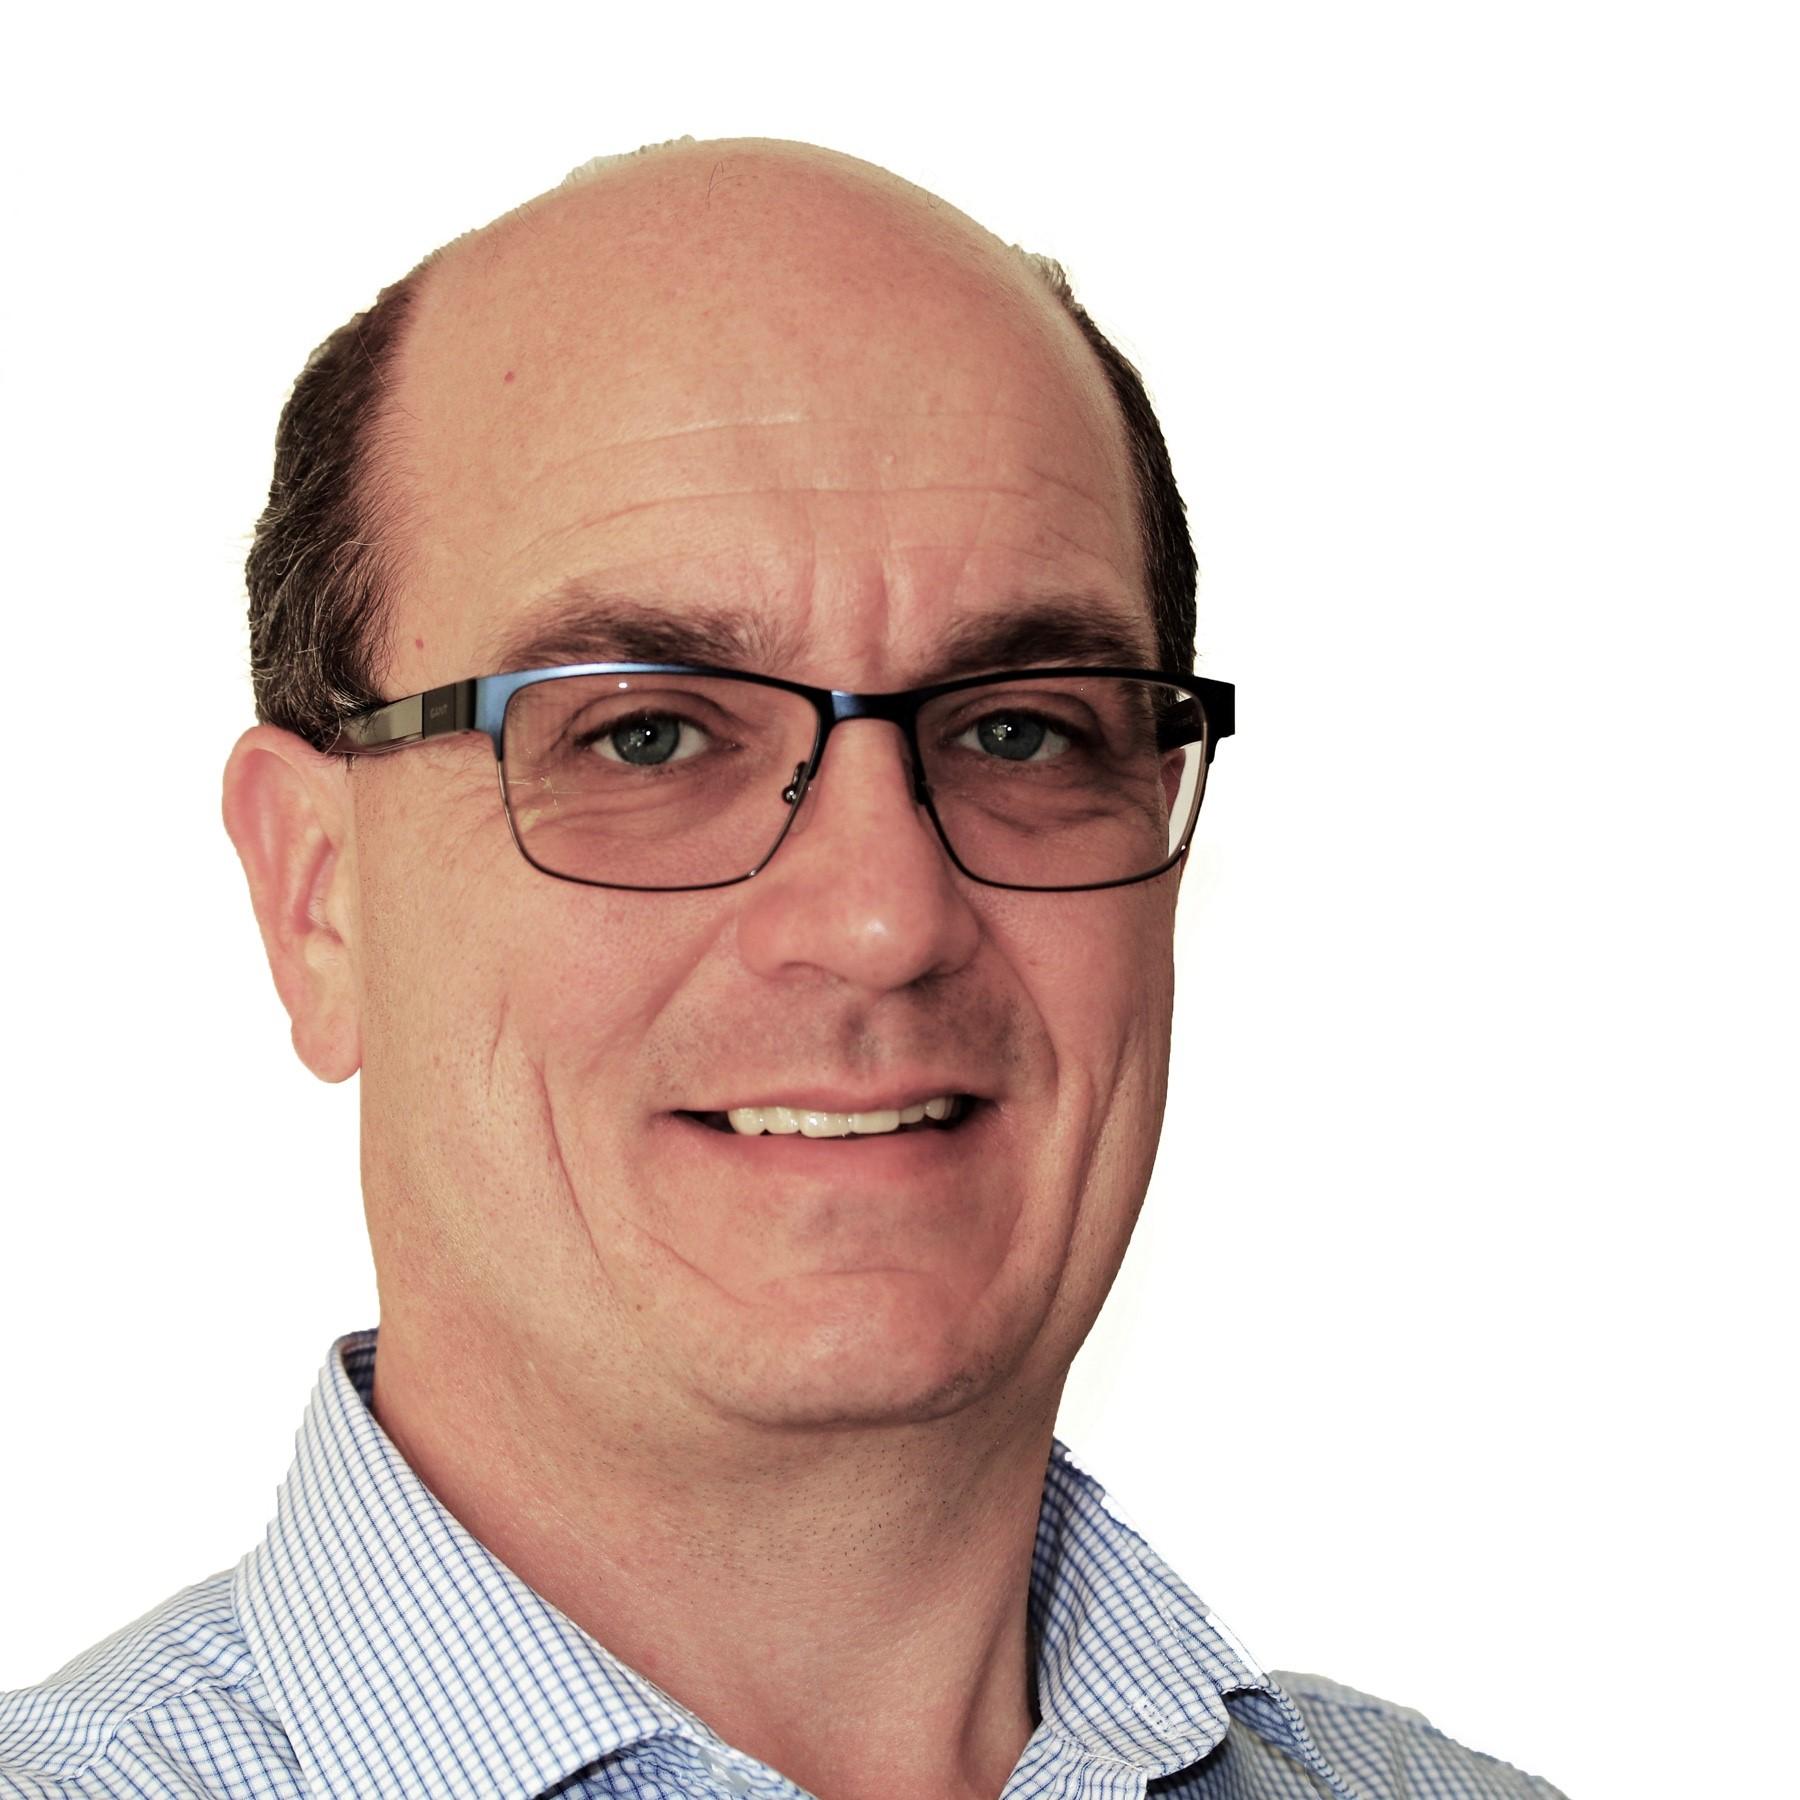 Kevin Hallas